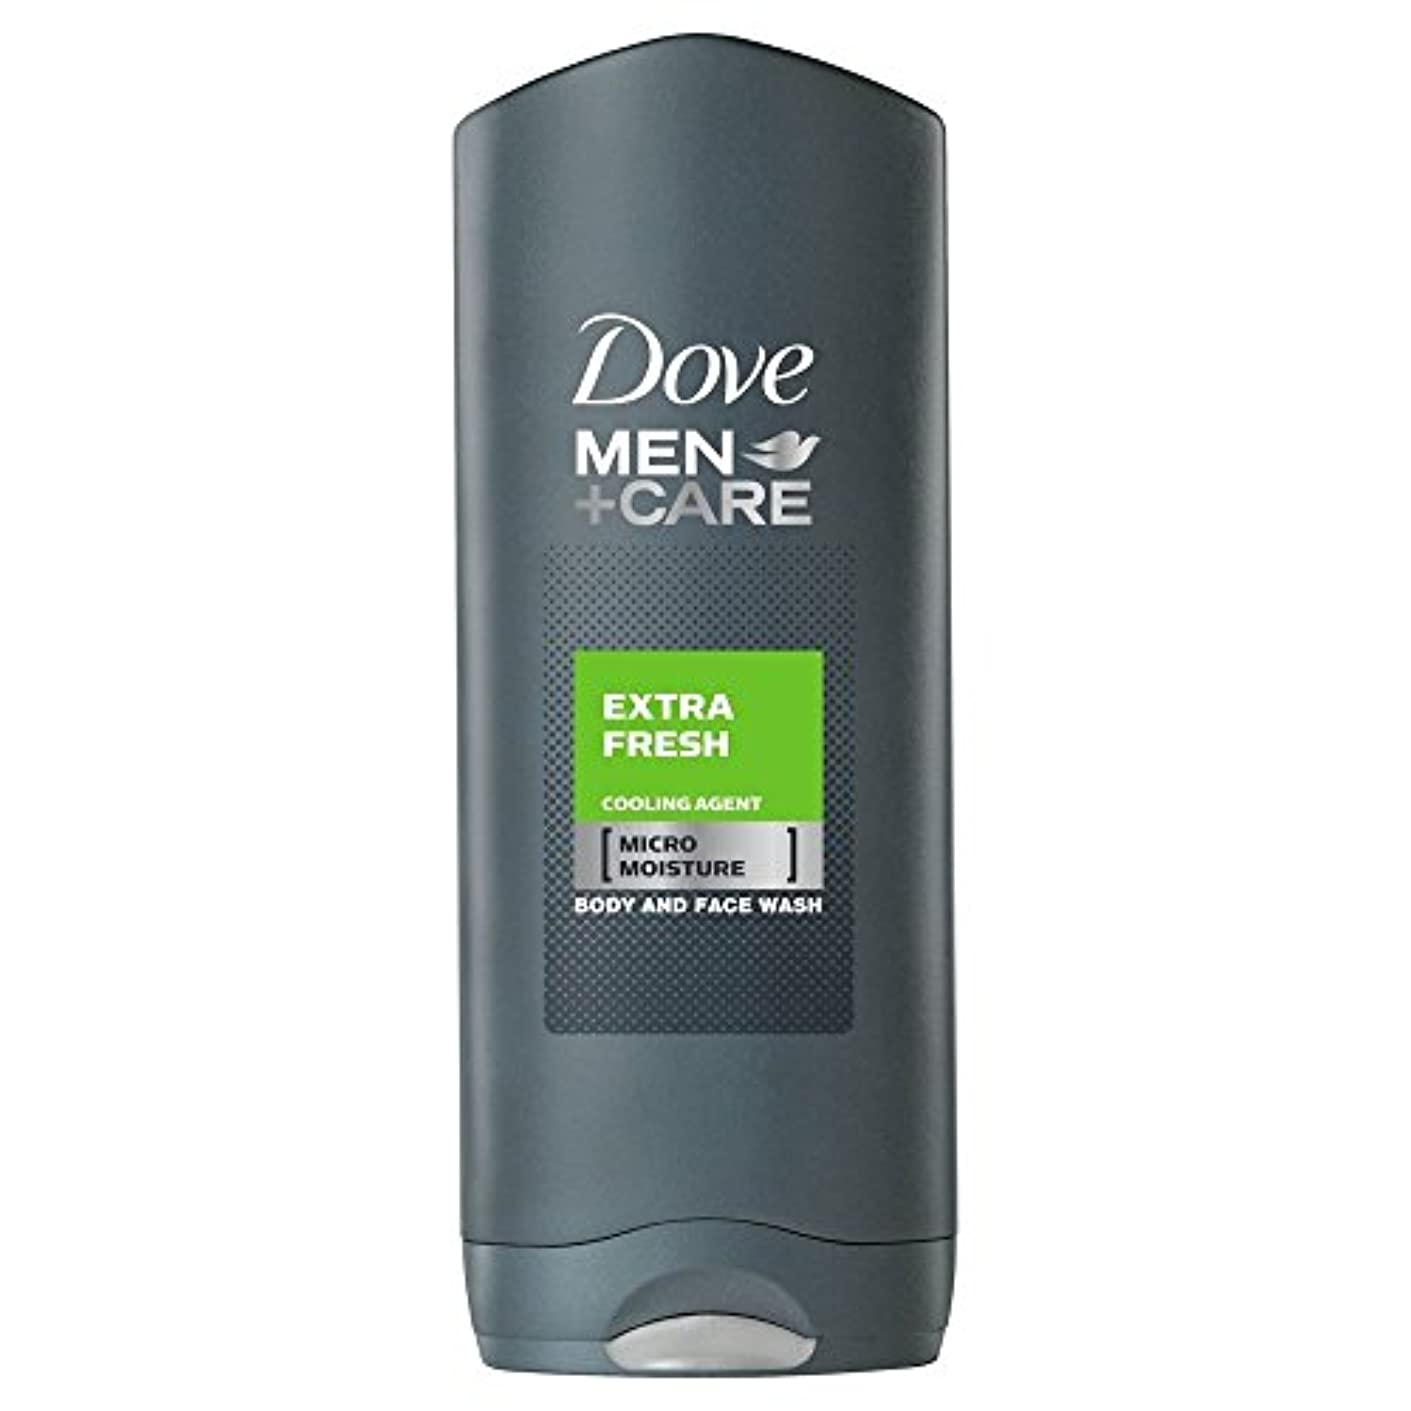 寝室を掃除するレンディション適合Dove Men + Care Body & Face Wash - Extra Fresh (250ml) 鳩の男性は+ボディと洗顔ケア - 余分な新鮮な( 250ミリリットル)を [並行輸入品]